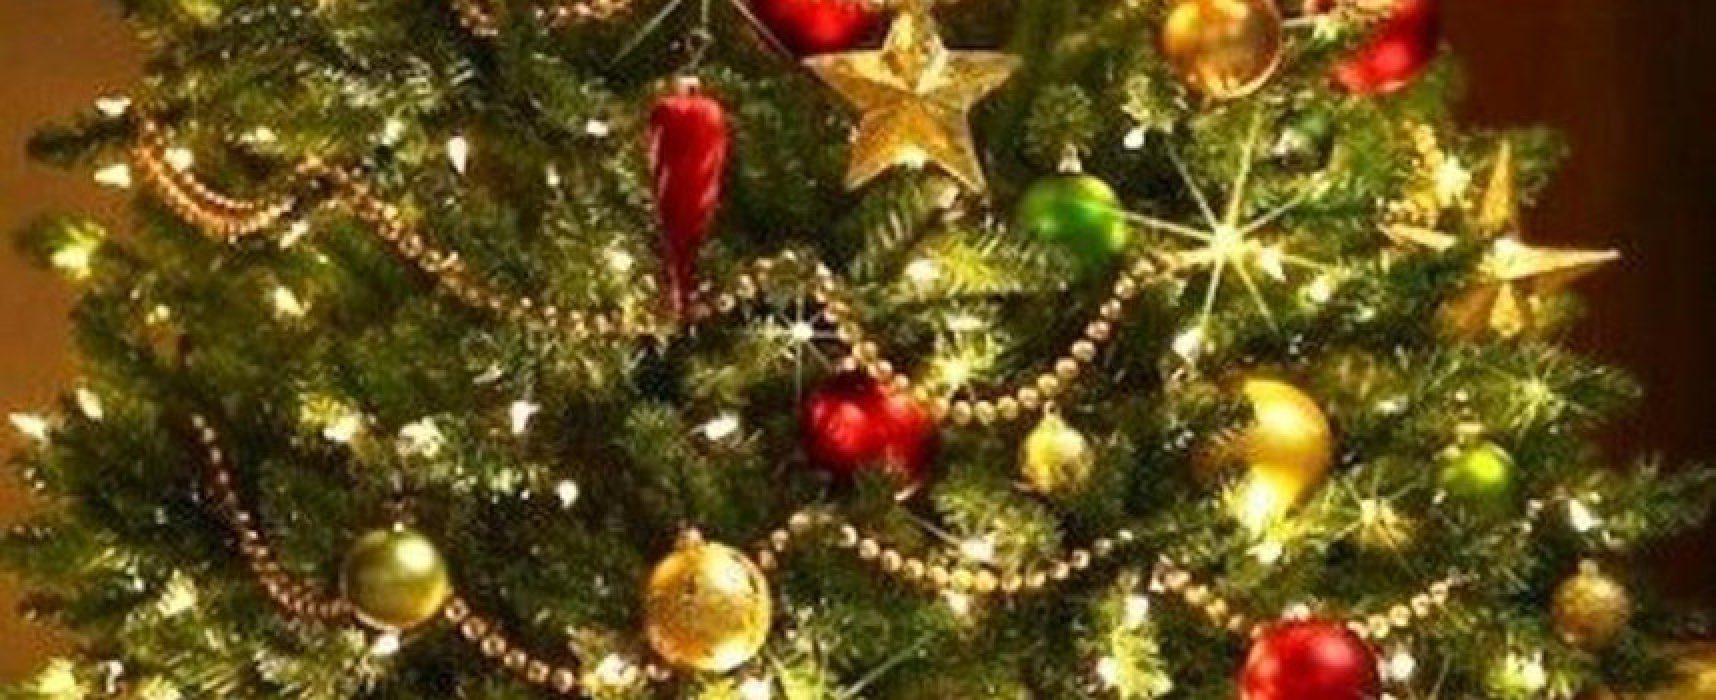 """Al via """"Natale nel Borgo Antico"""", tanti eventi per le vie del centro storico"""